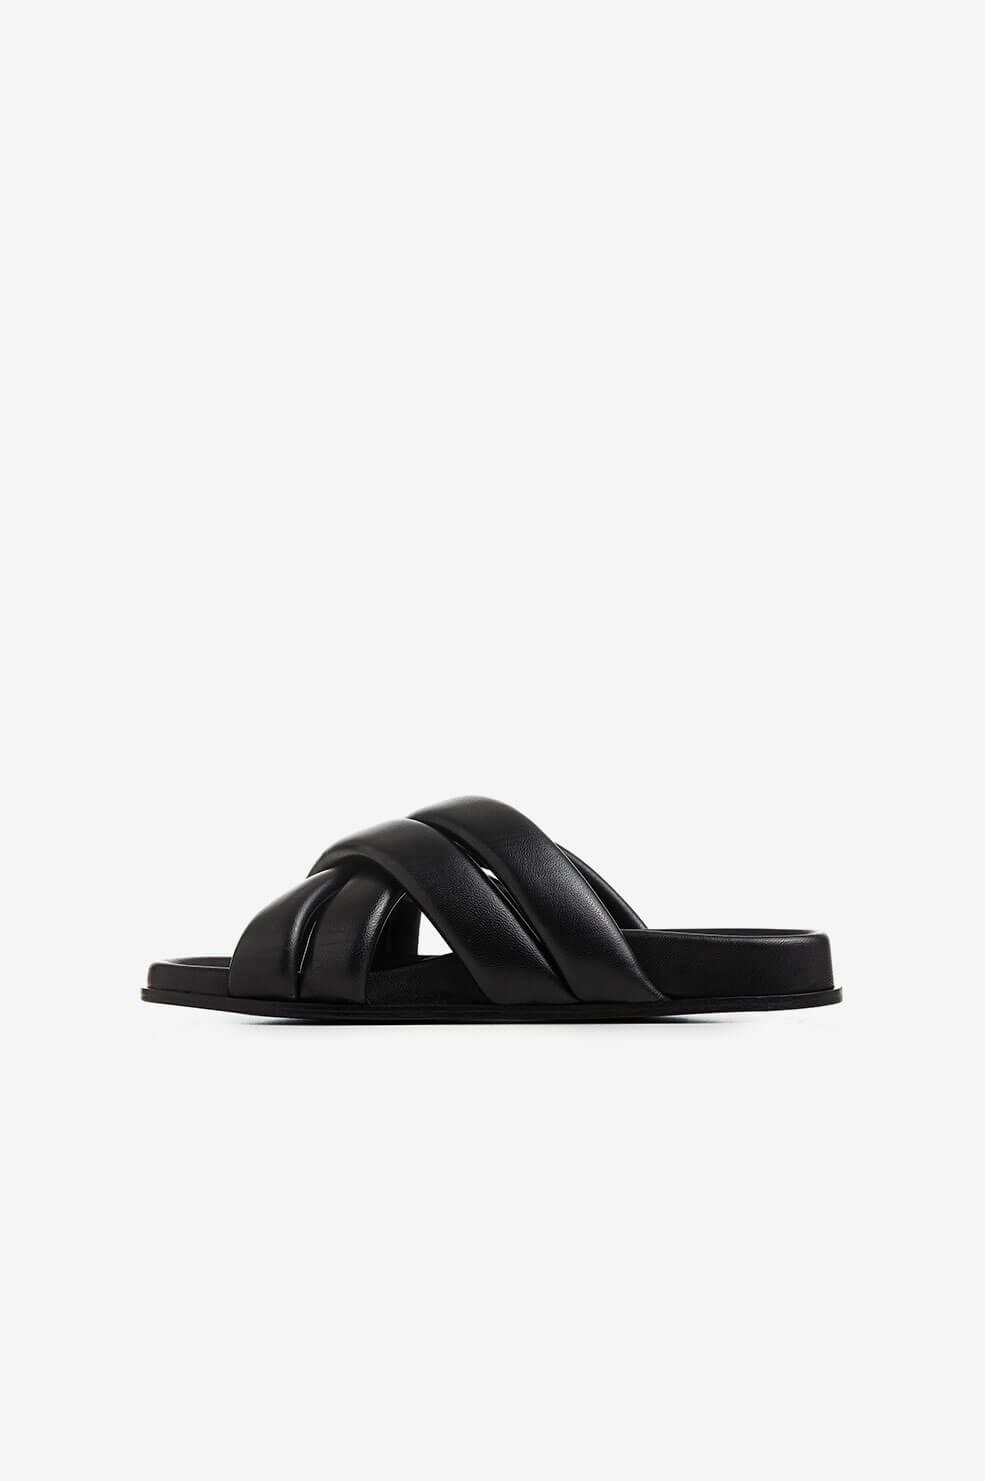 ANINE BING chaussures lizzie-8